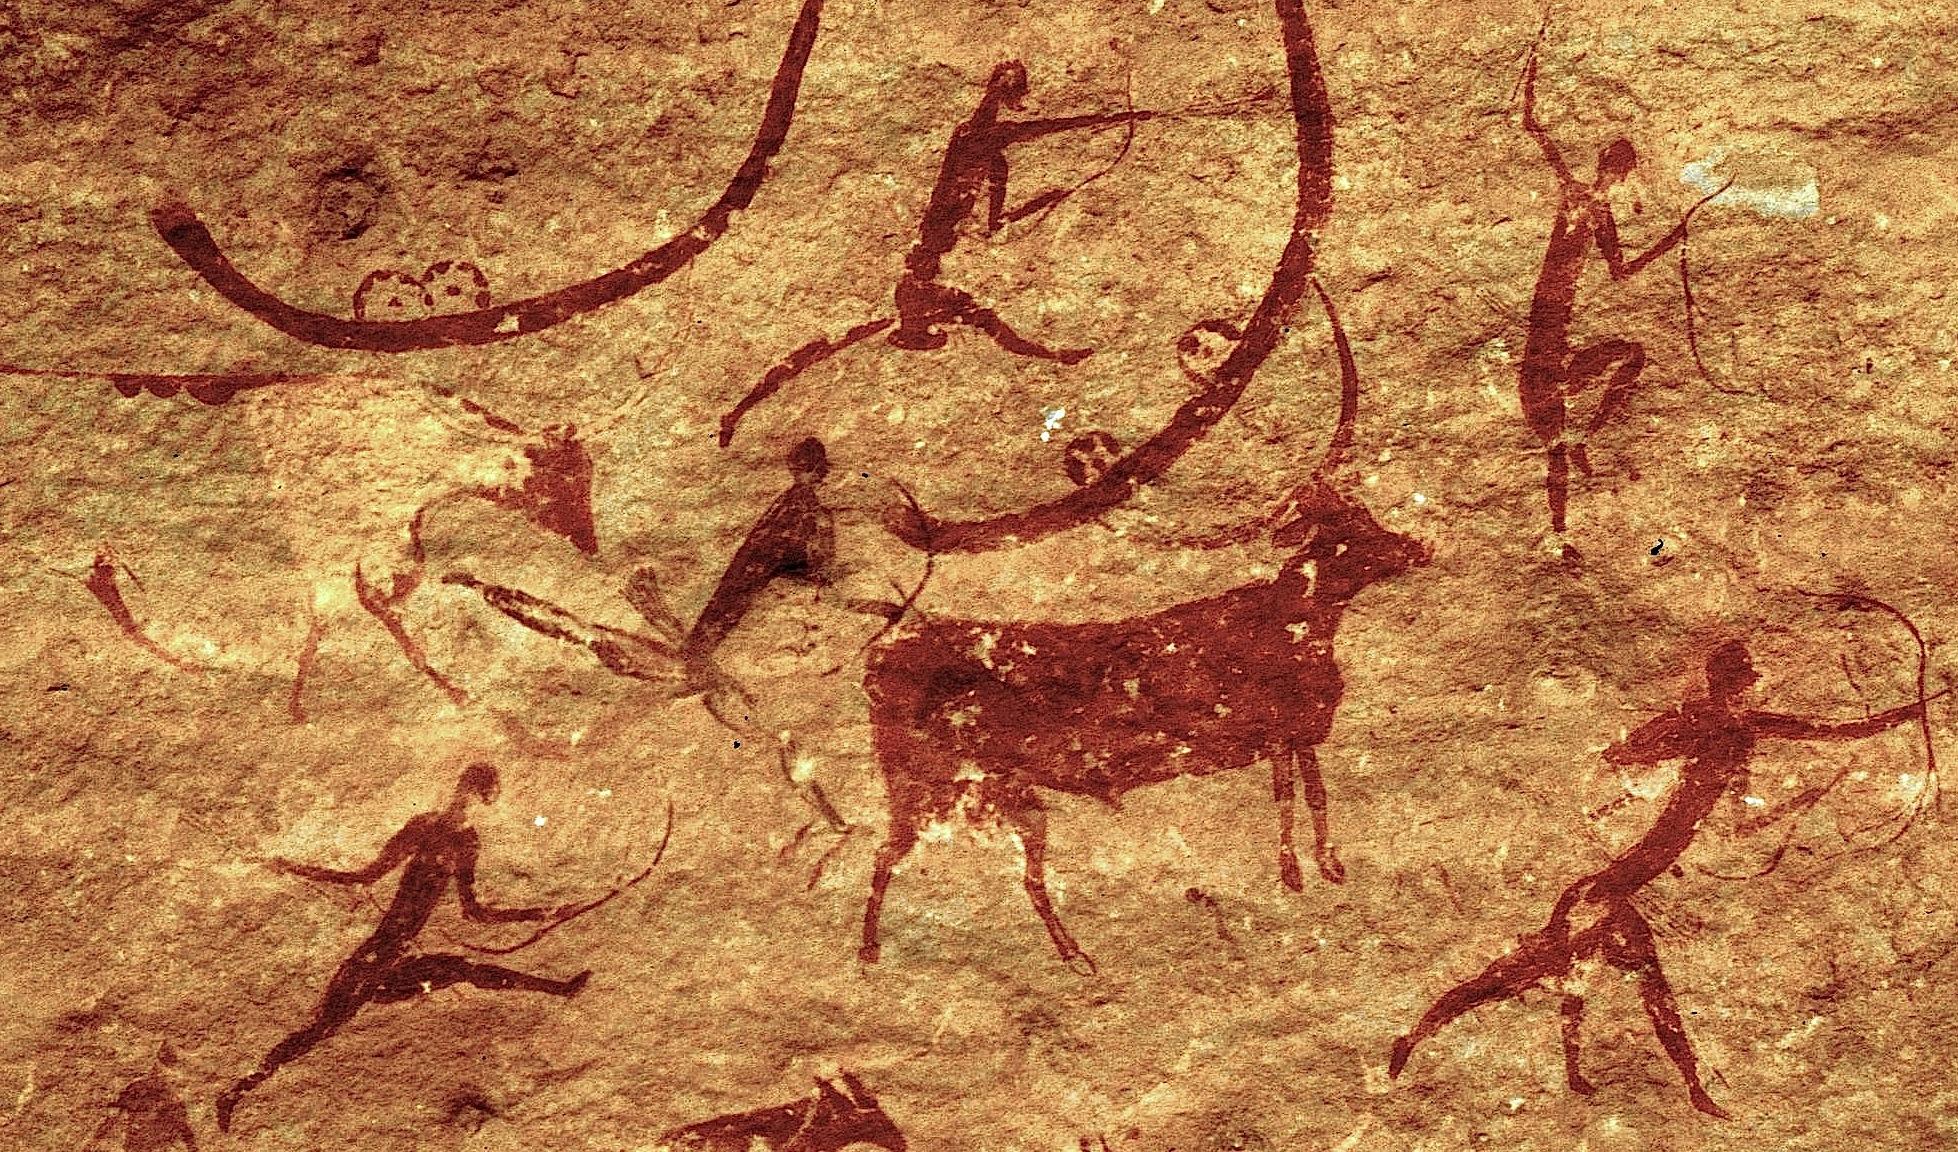 Peintures rupestres berbères du site de Tassili n'Ajjer en Algérie © Gruban